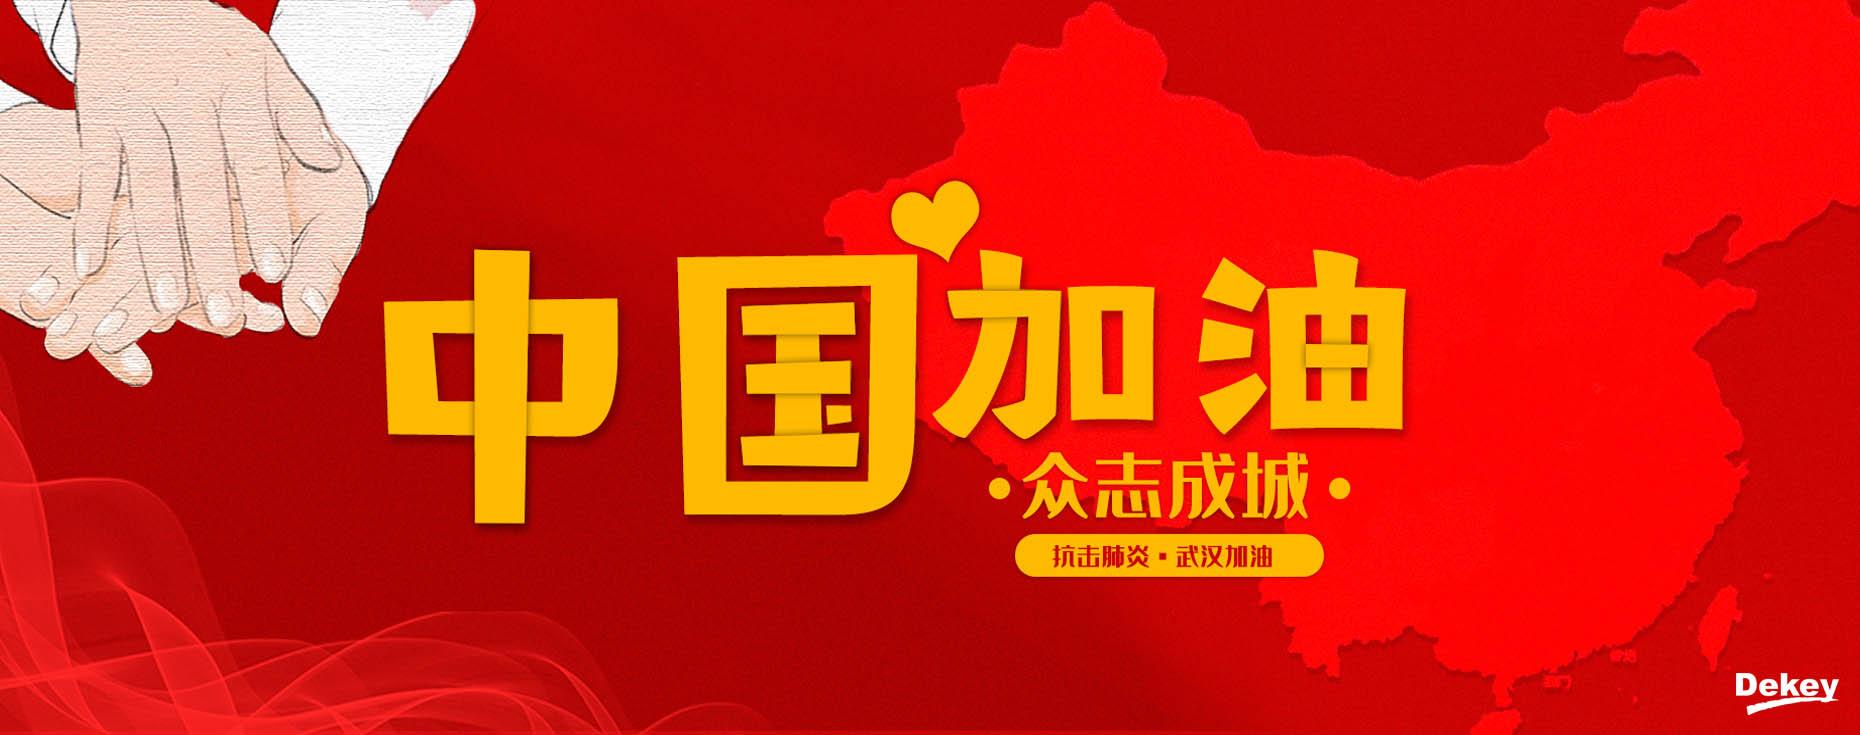 肺炎banner